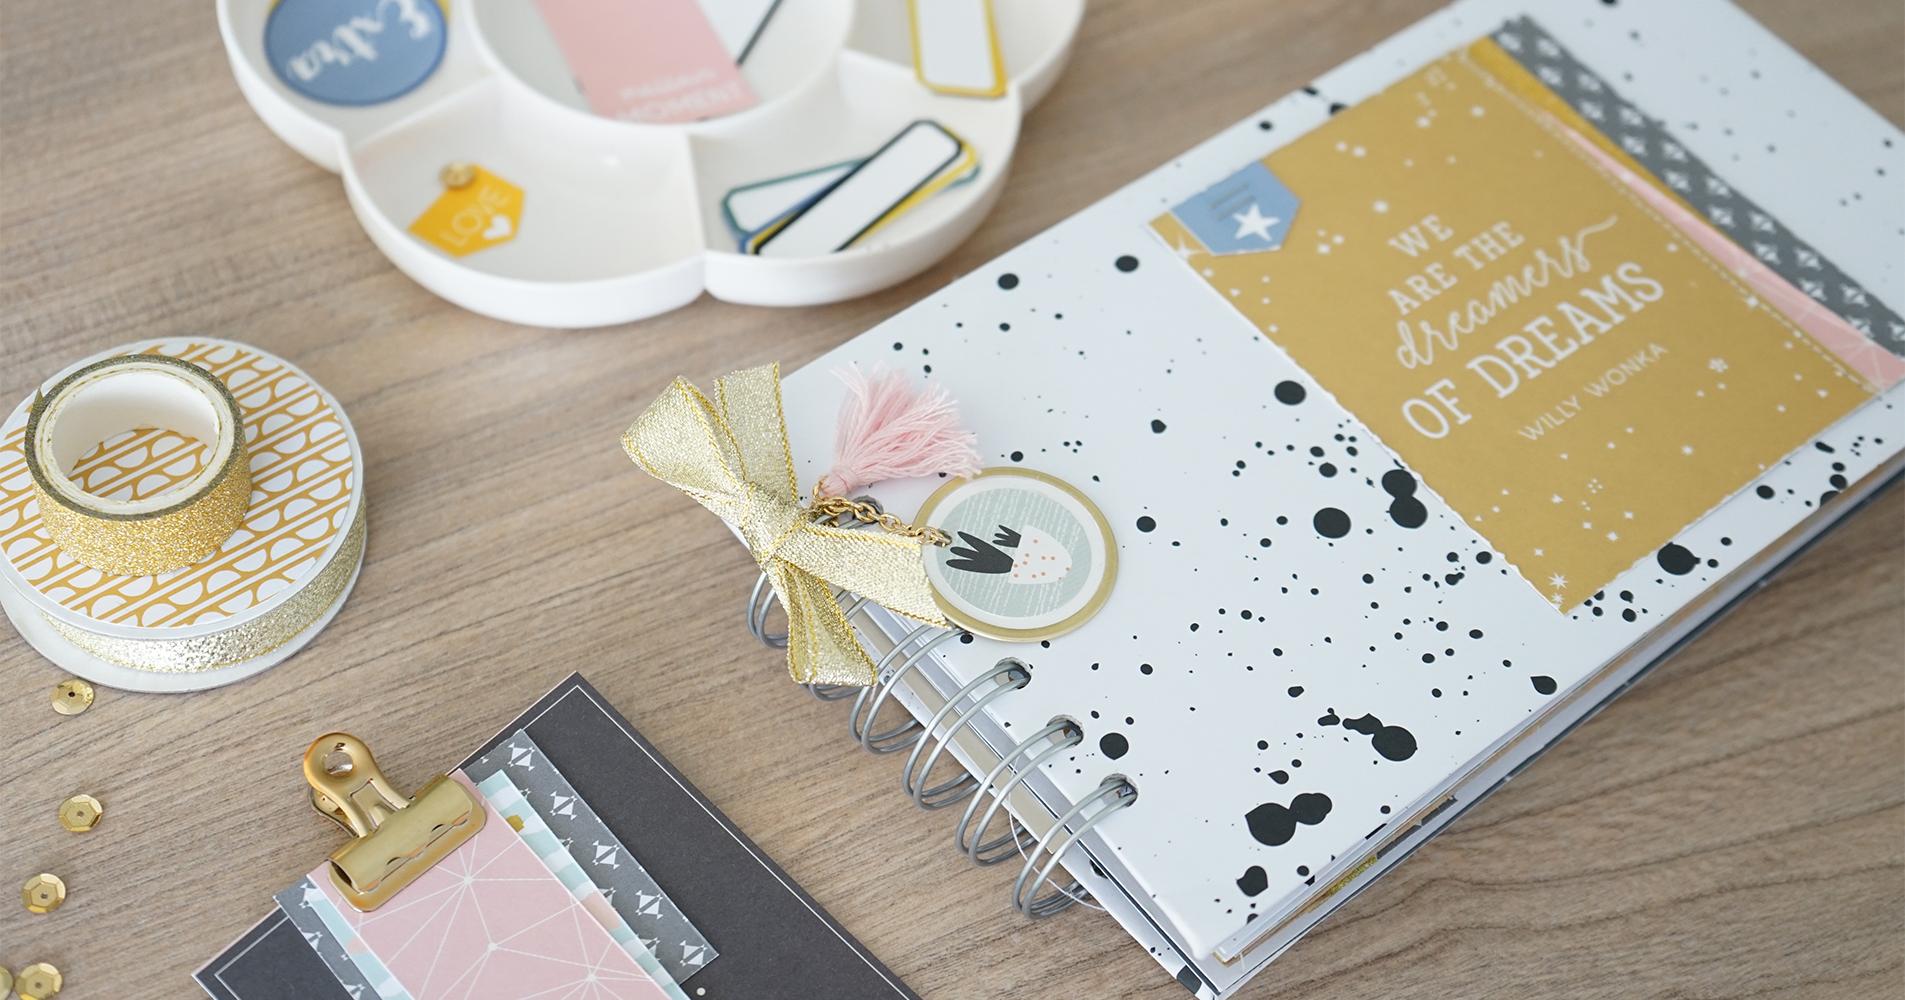 comment cr er son bullet journal kesi 39 art le blog. Black Bedroom Furniture Sets. Home Design Ideas